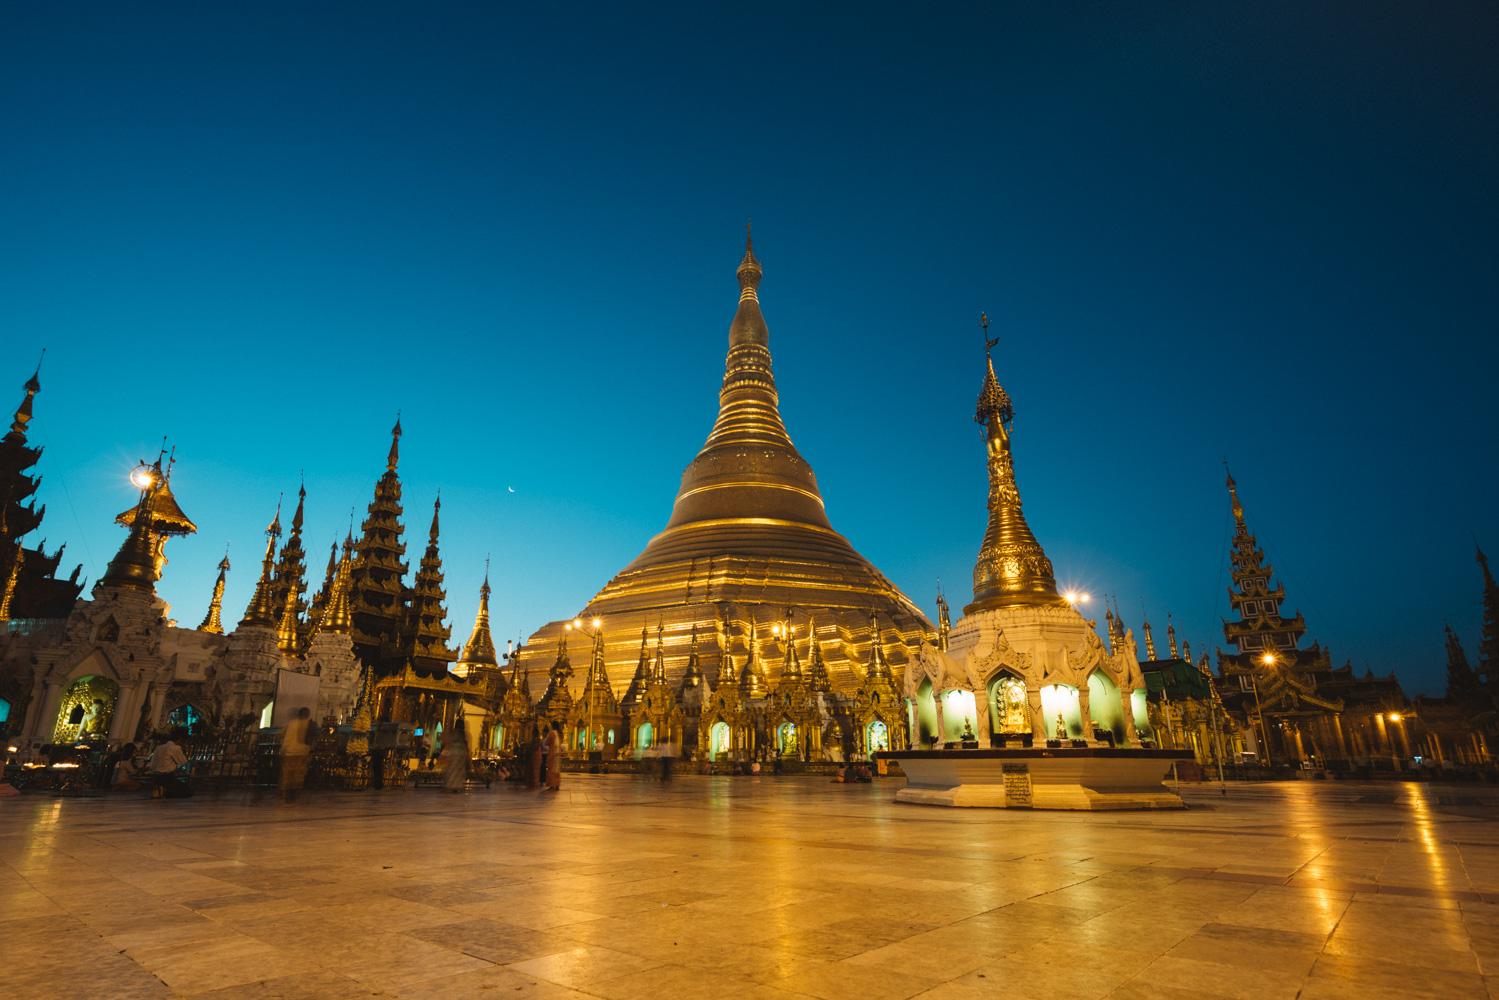 sunrise on Shwedagon pagoda